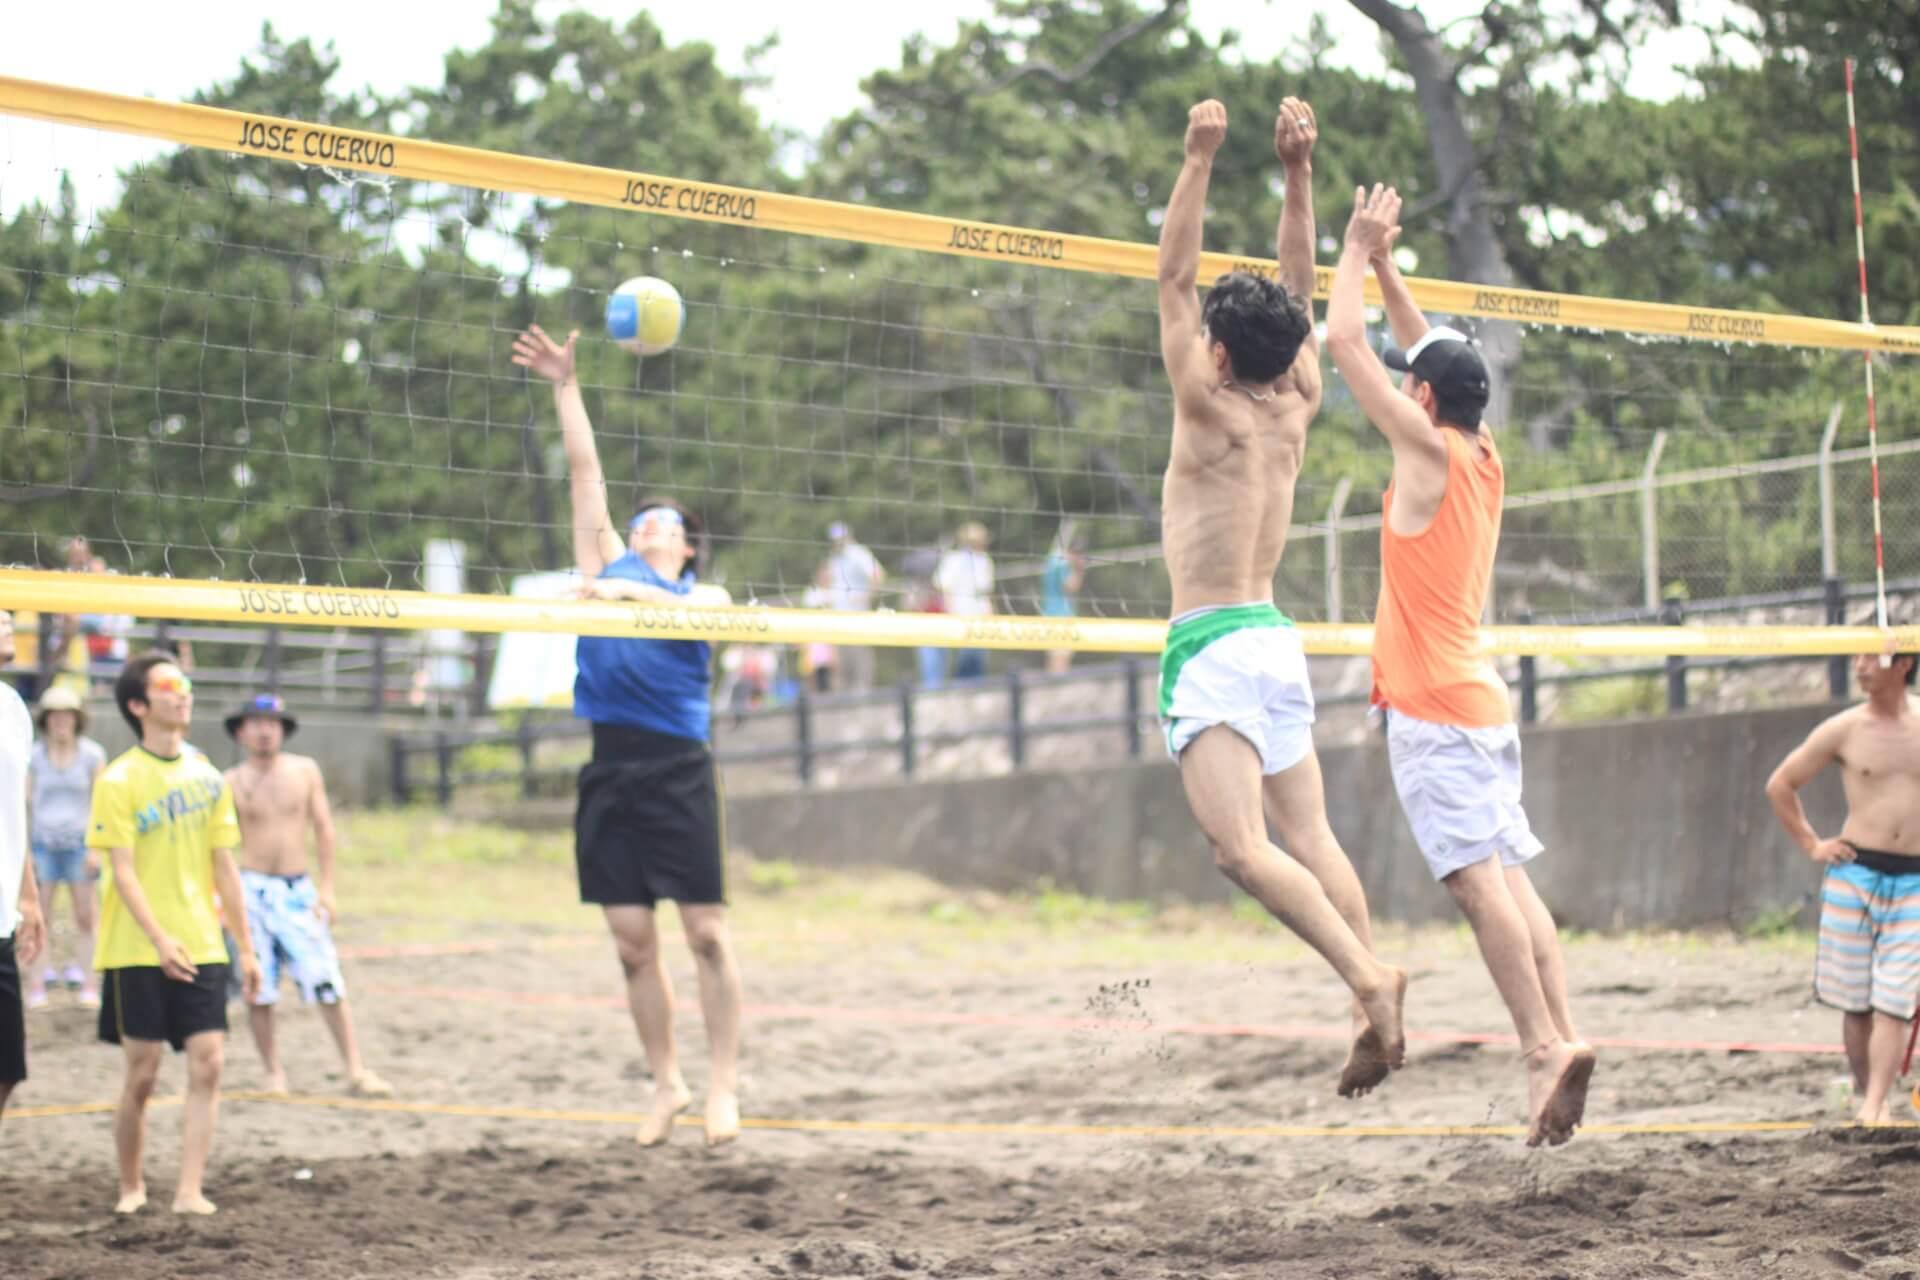 6人制やビーチ、色々なバレーボールのルールを紹介!